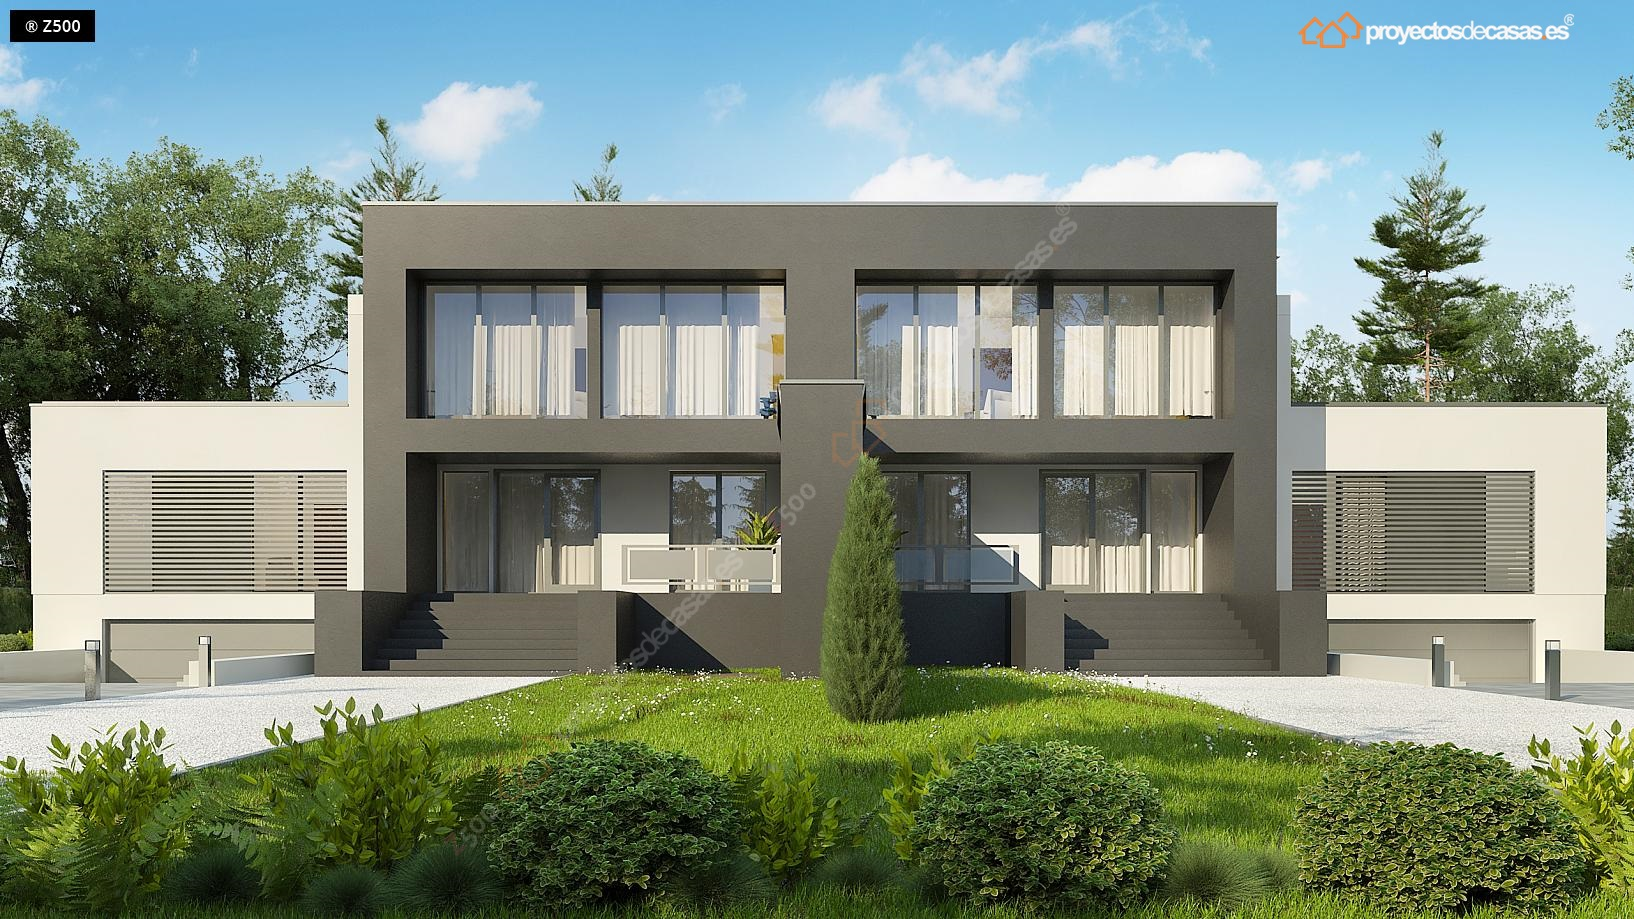 Proyectos De Casas Casa Adosada Moderna Armunia